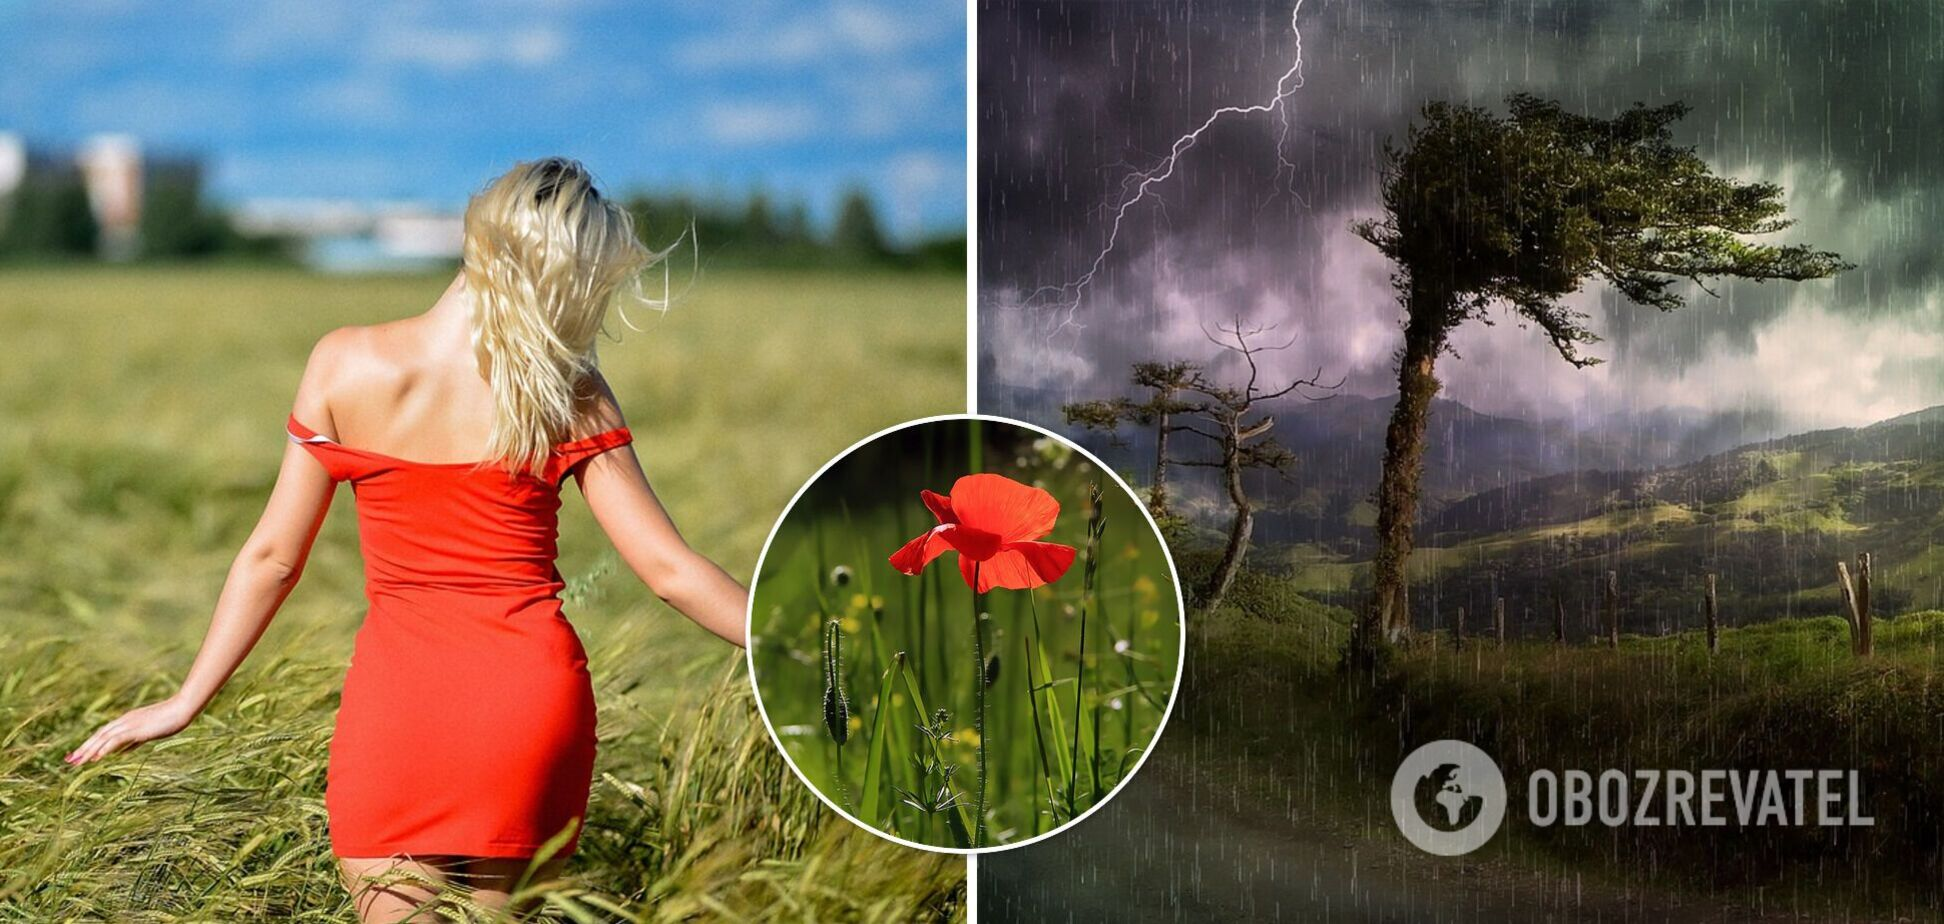 Захід пектиме сонце, а схід поливатимуть дощі: синоптики розповіли про погоду в Україні на 18 червня